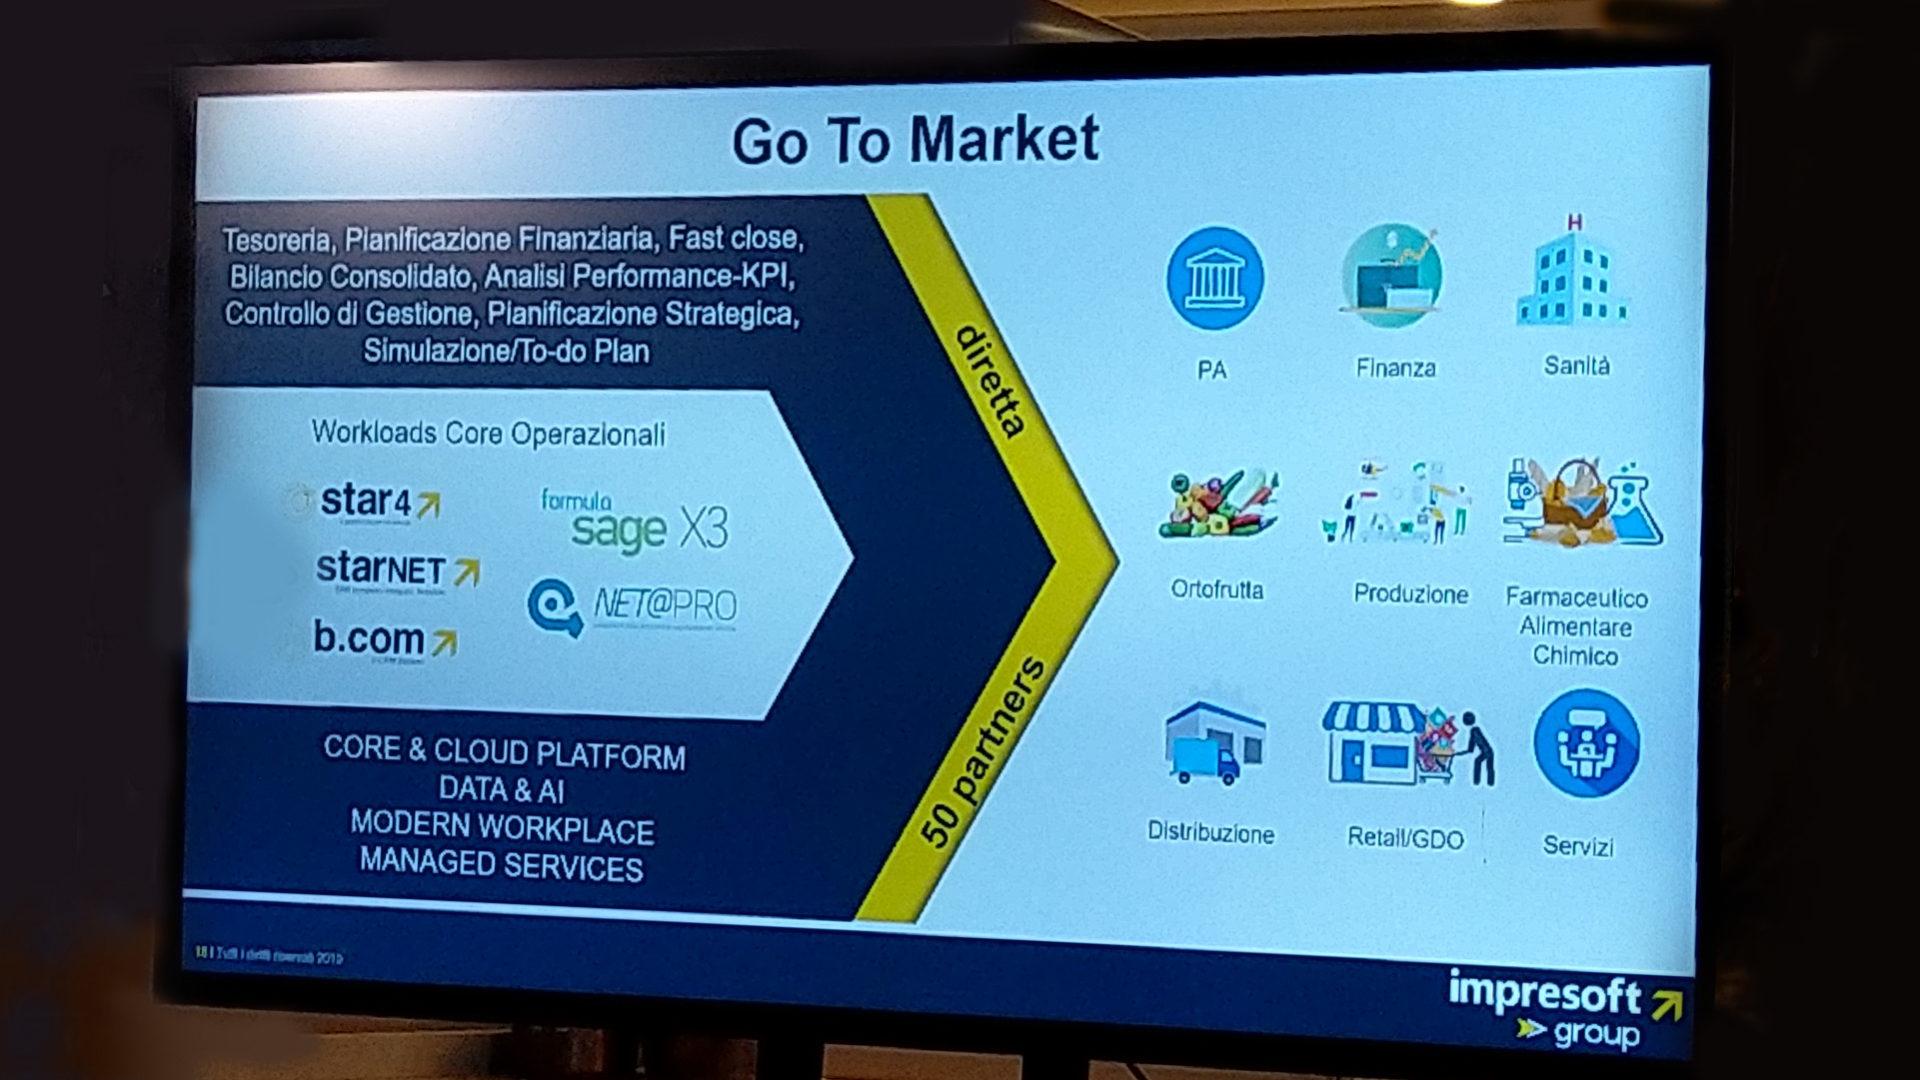 2 La strategia di go to market di Impresoft Group